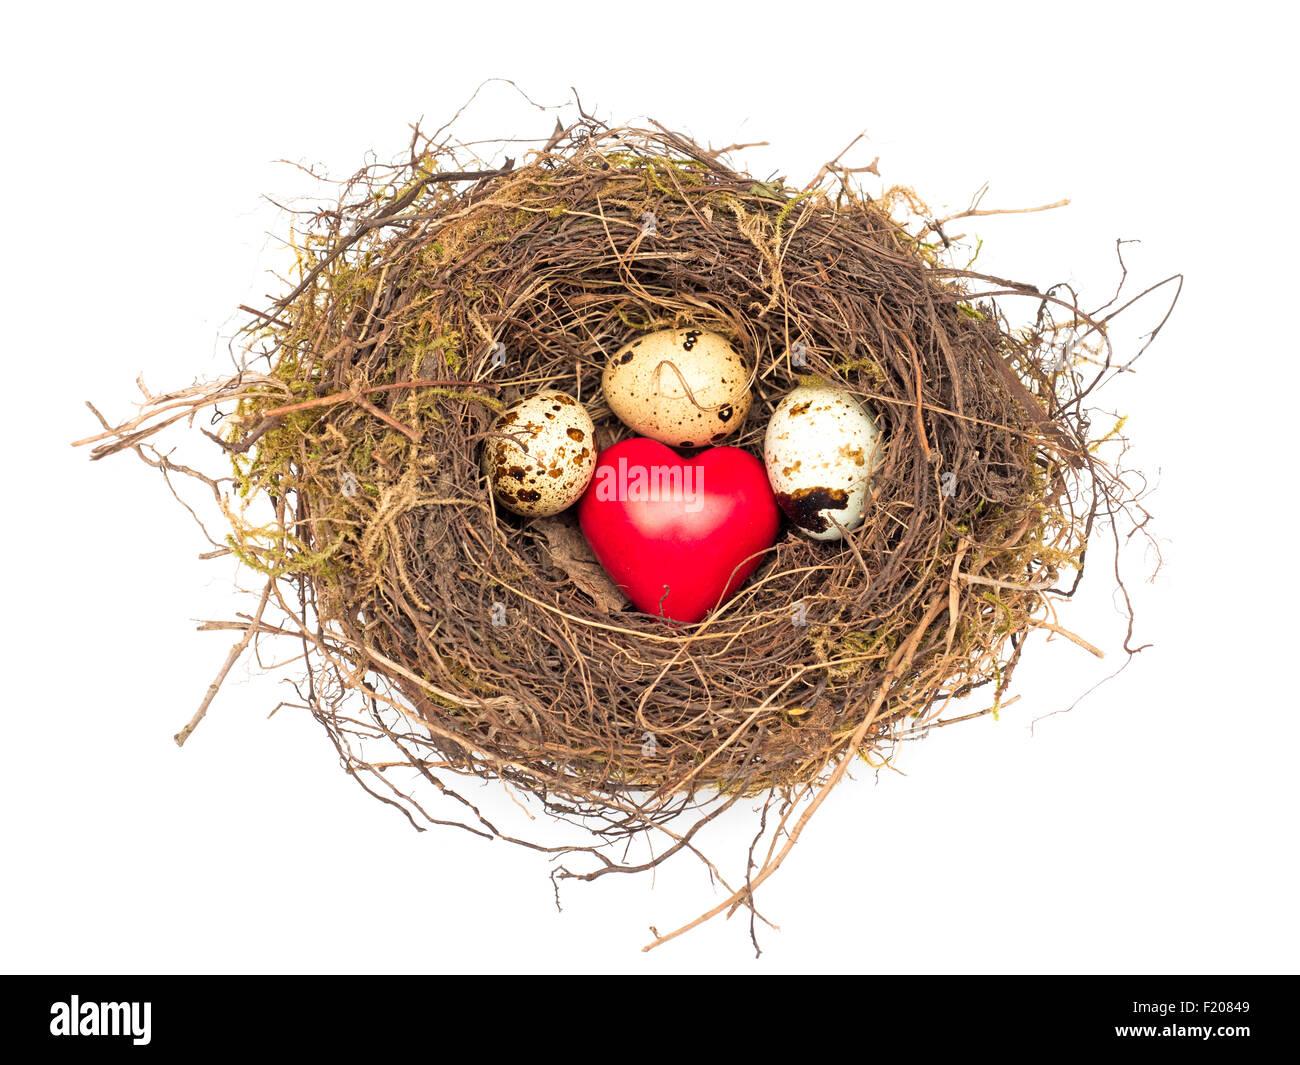 Nest Mit 3 Eiern Und Einem Herz Stockbild